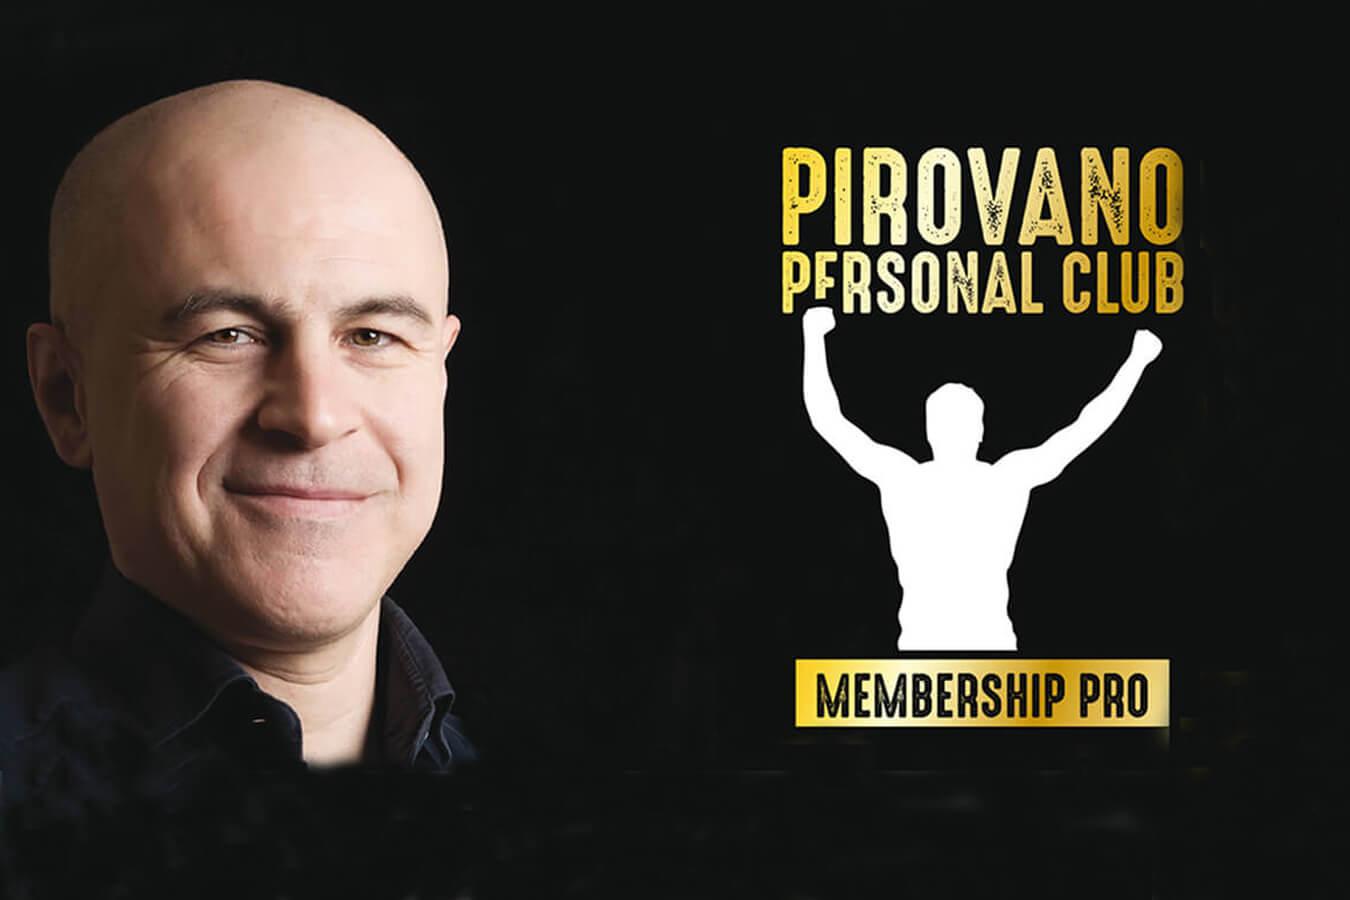 È nato Pirovano Personal Club: il primo in Italia dedicato alla Formazione Marketing per Personal Trainer